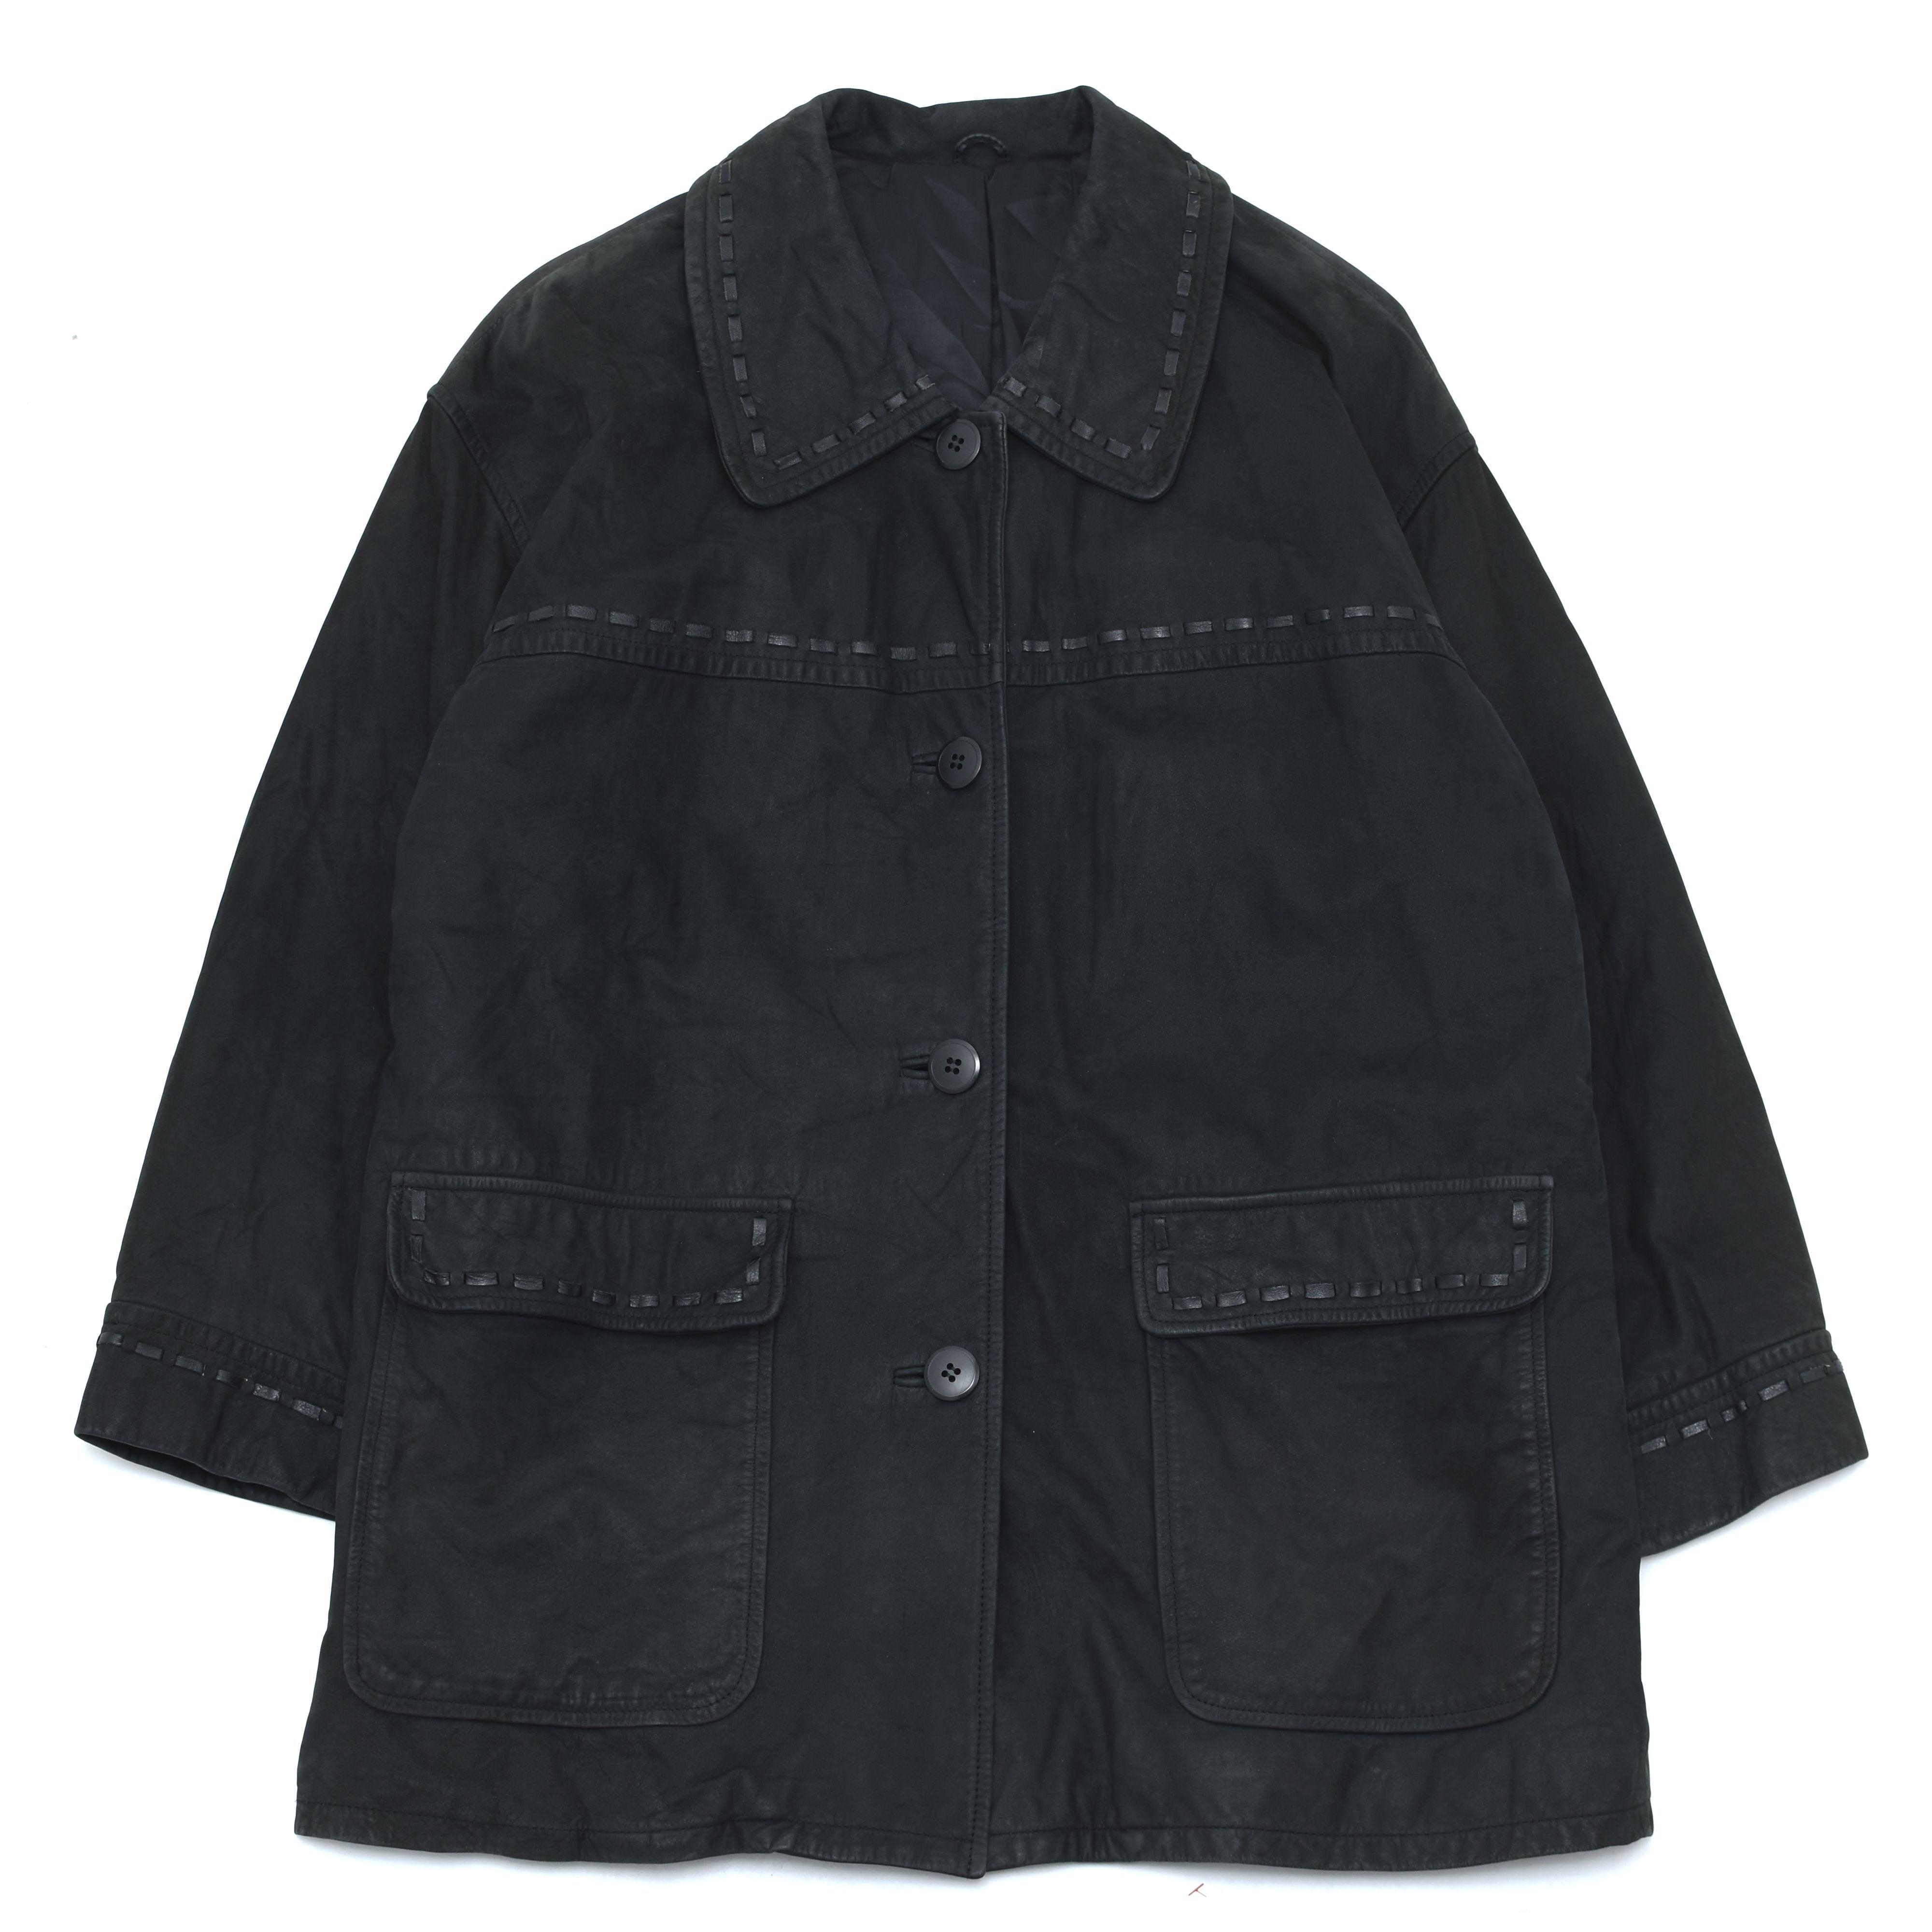 Unisex black nubuck leather coat